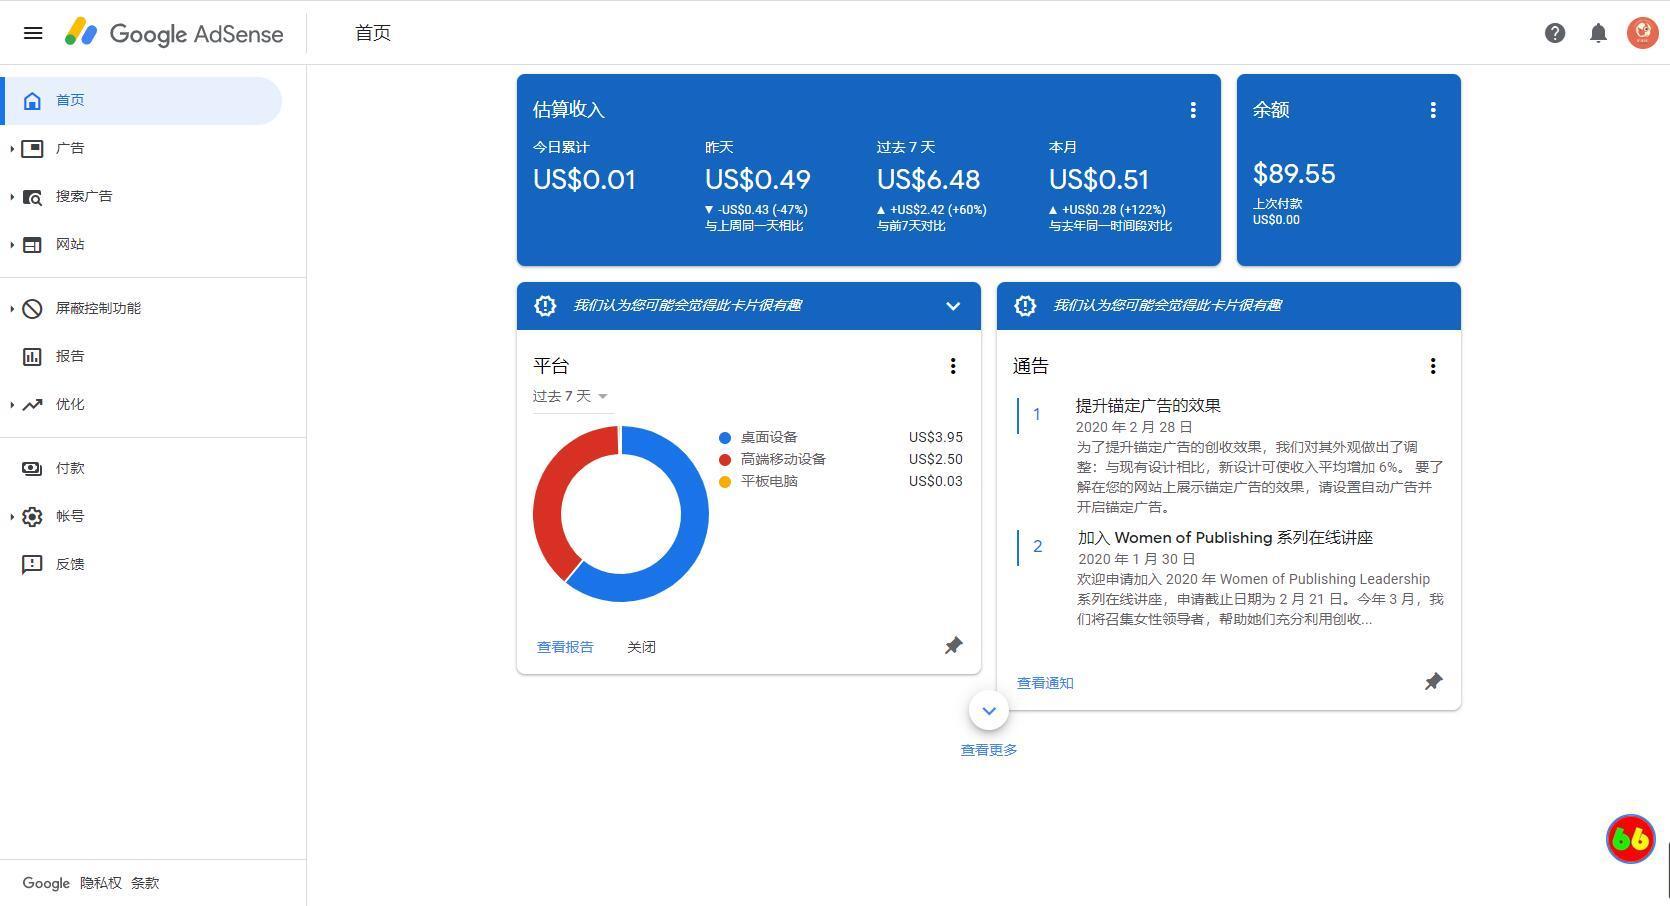 新手建站丨网站搭建好以后,可以靠网站赚钱的几种方法